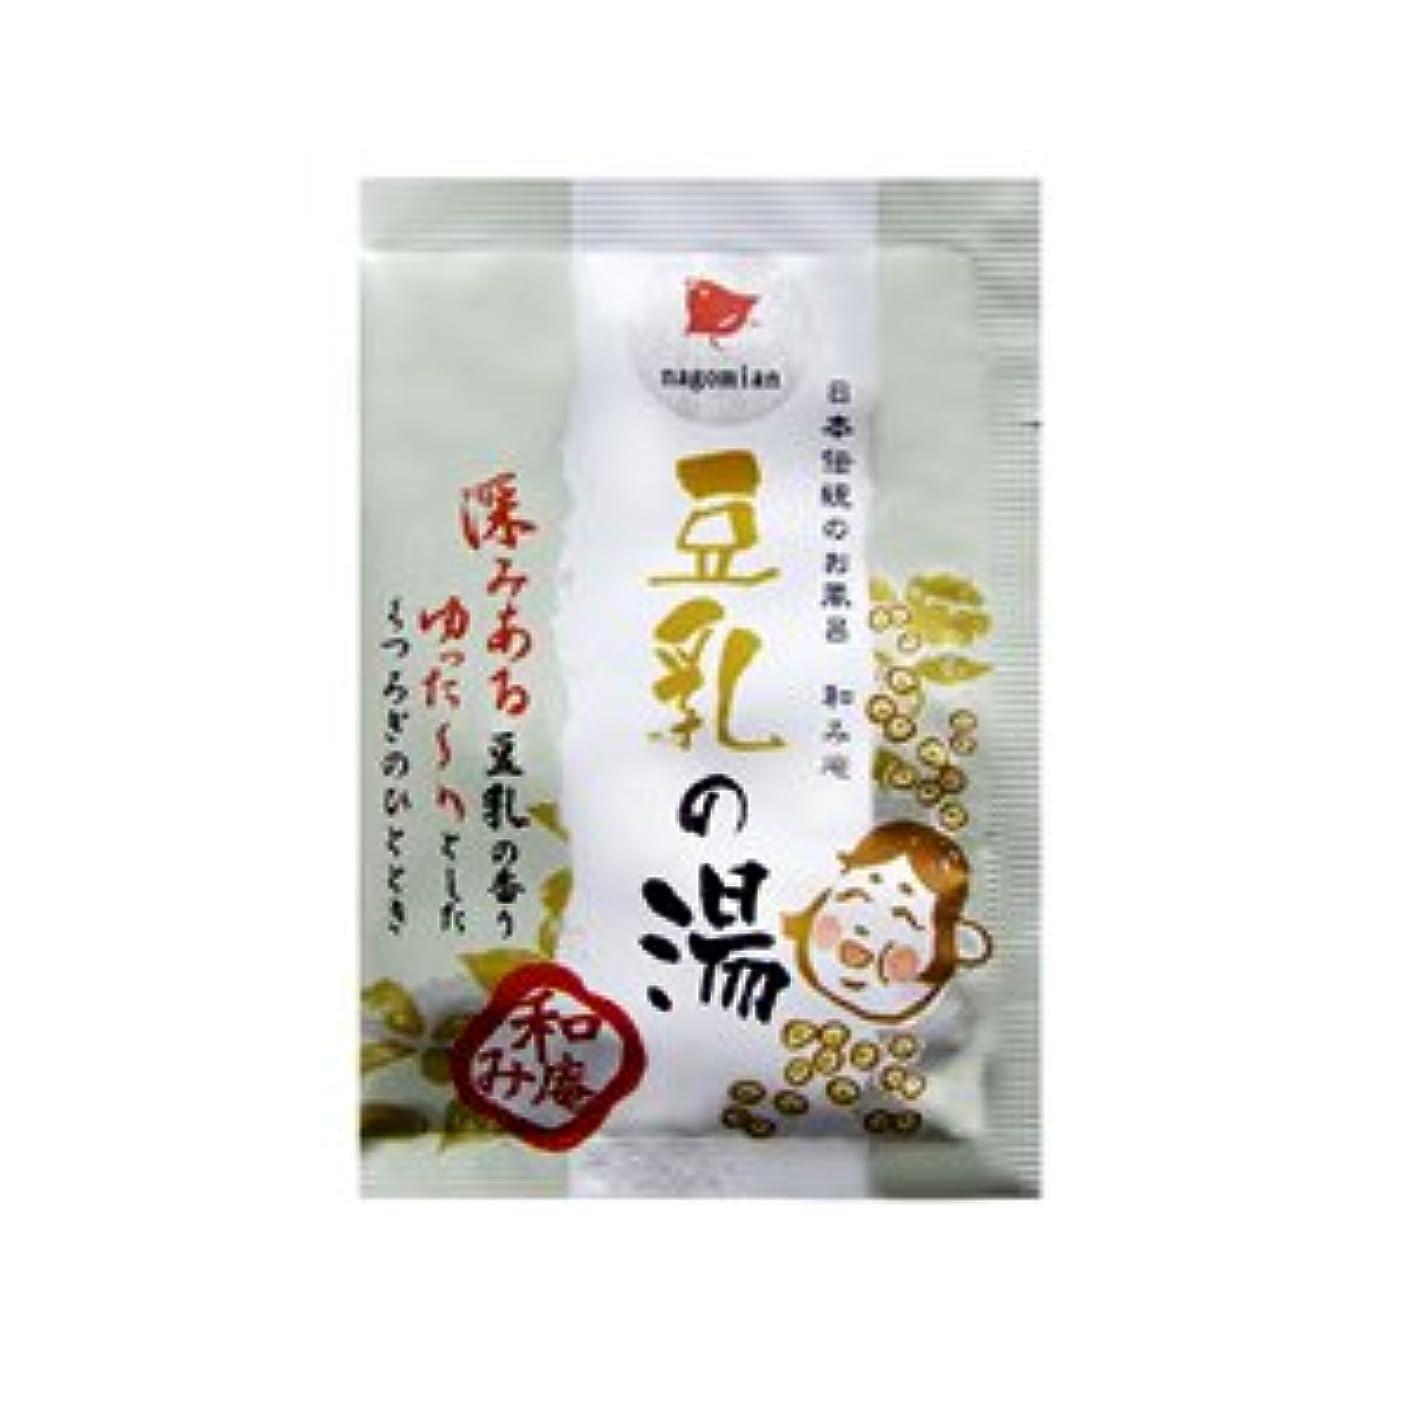 ジャズレシピ渦日本伝統のお風呂 和み庵 豆乳の湯 25g 5個セット